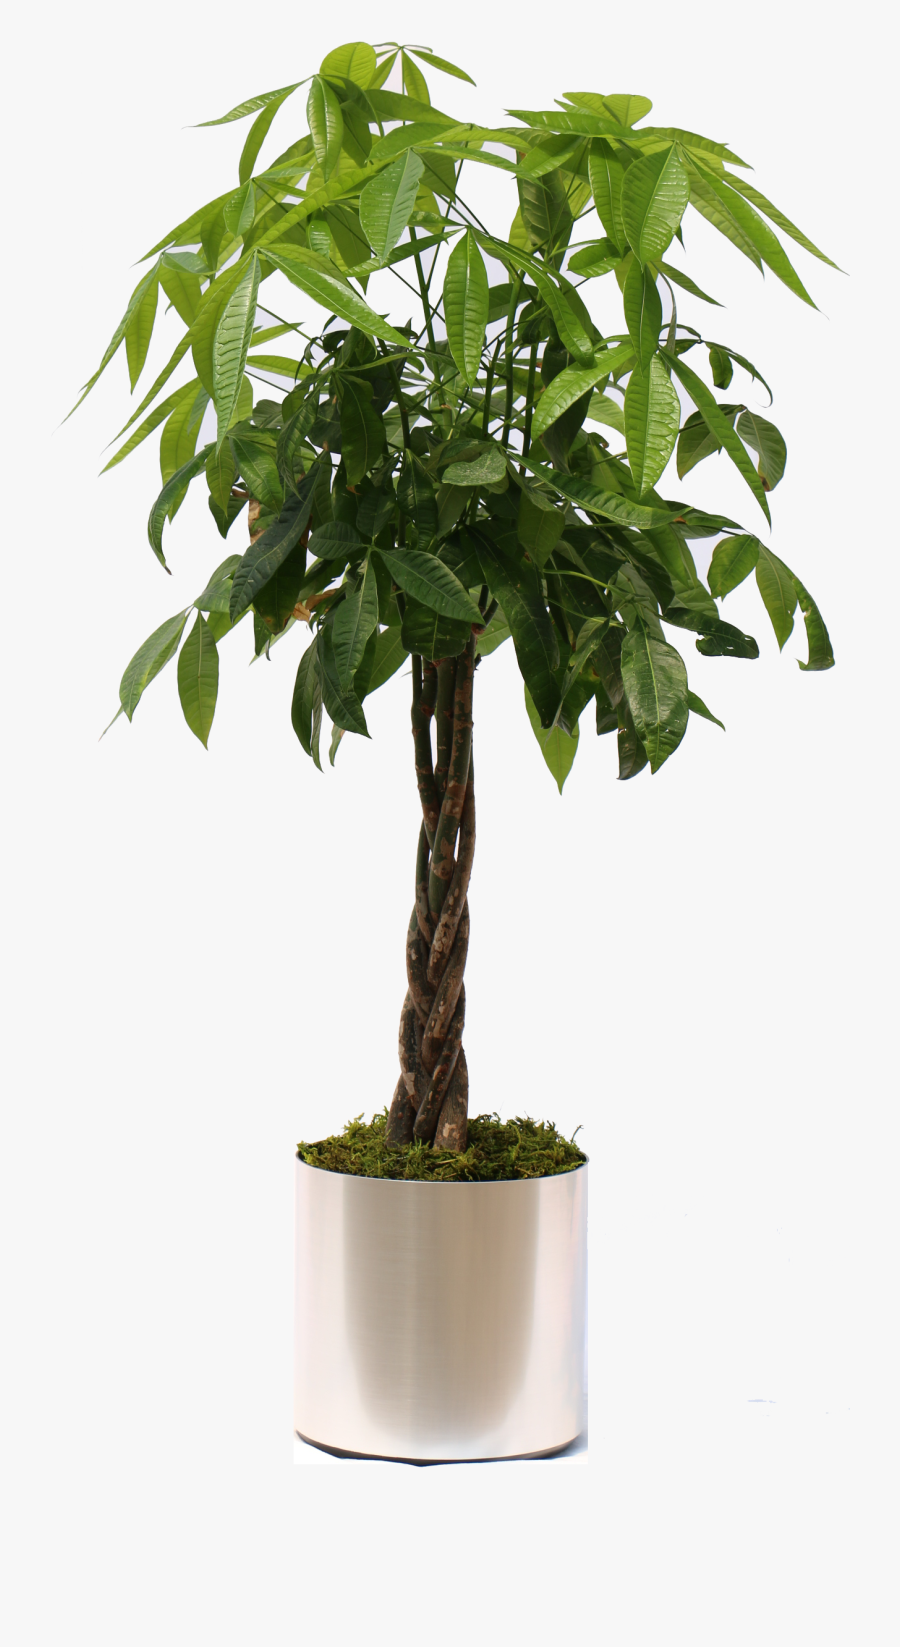 Transparent Plant Png - Money Tree Plant Transparent, Transparent Clipart